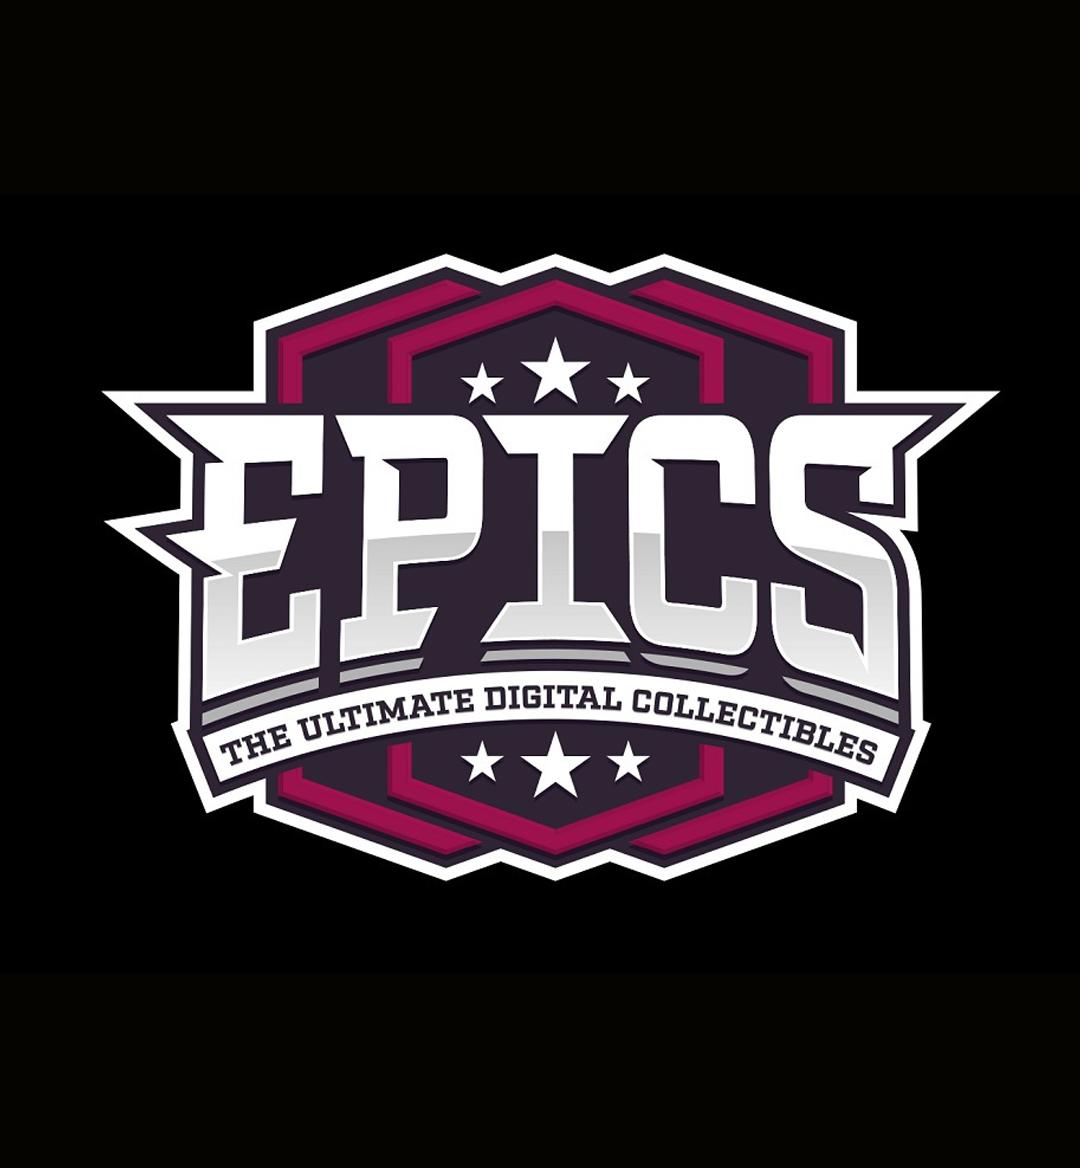 epicsgg mobile